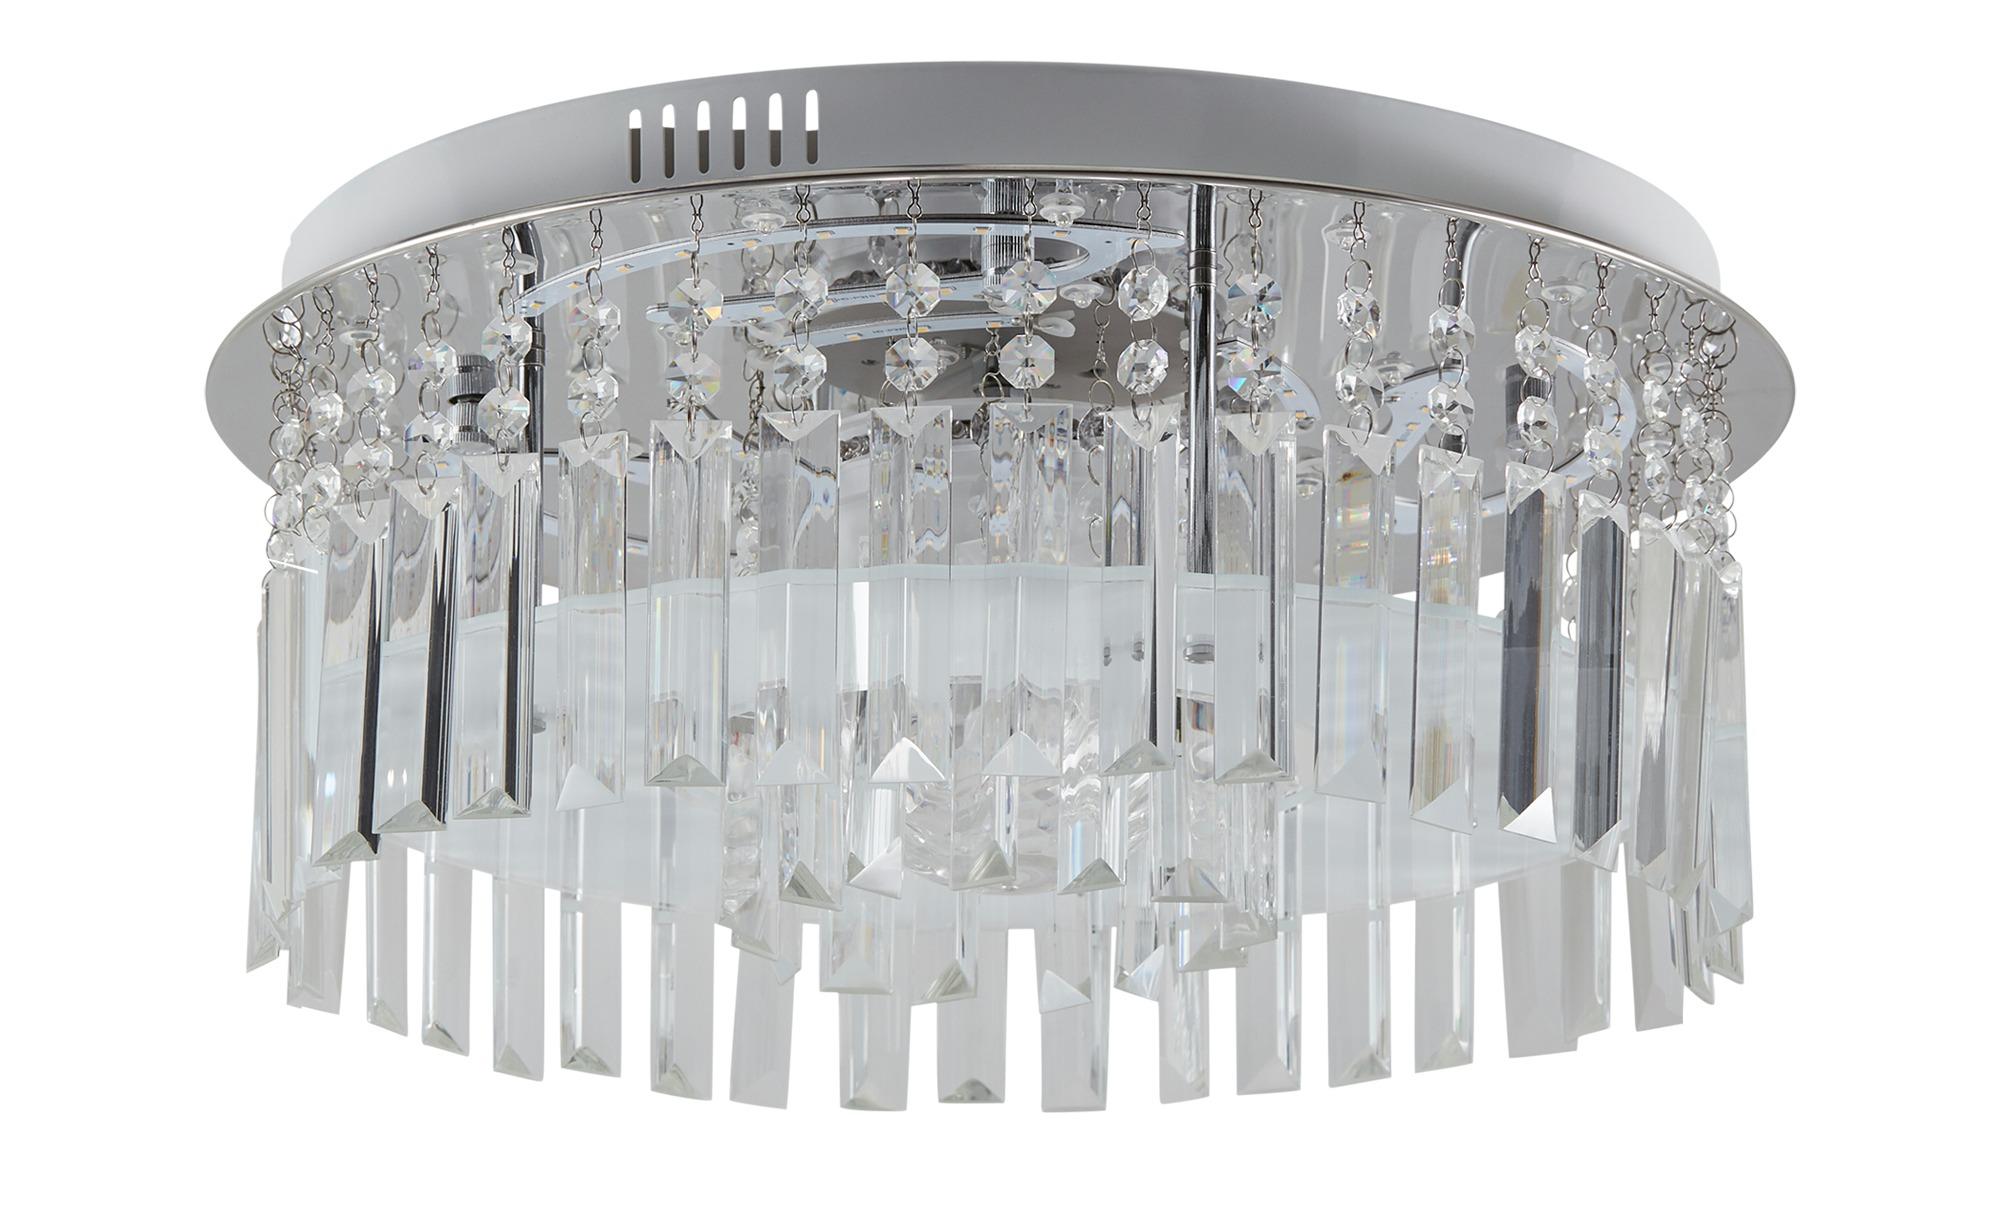 KHG LED-Deckenleuchte mit Discokugel ¦ silber ¦ Maße (cm): H: 25 Ø: 45 Lampen & Leuchten > Innenleuchten > Deckenleuchten - Höffner